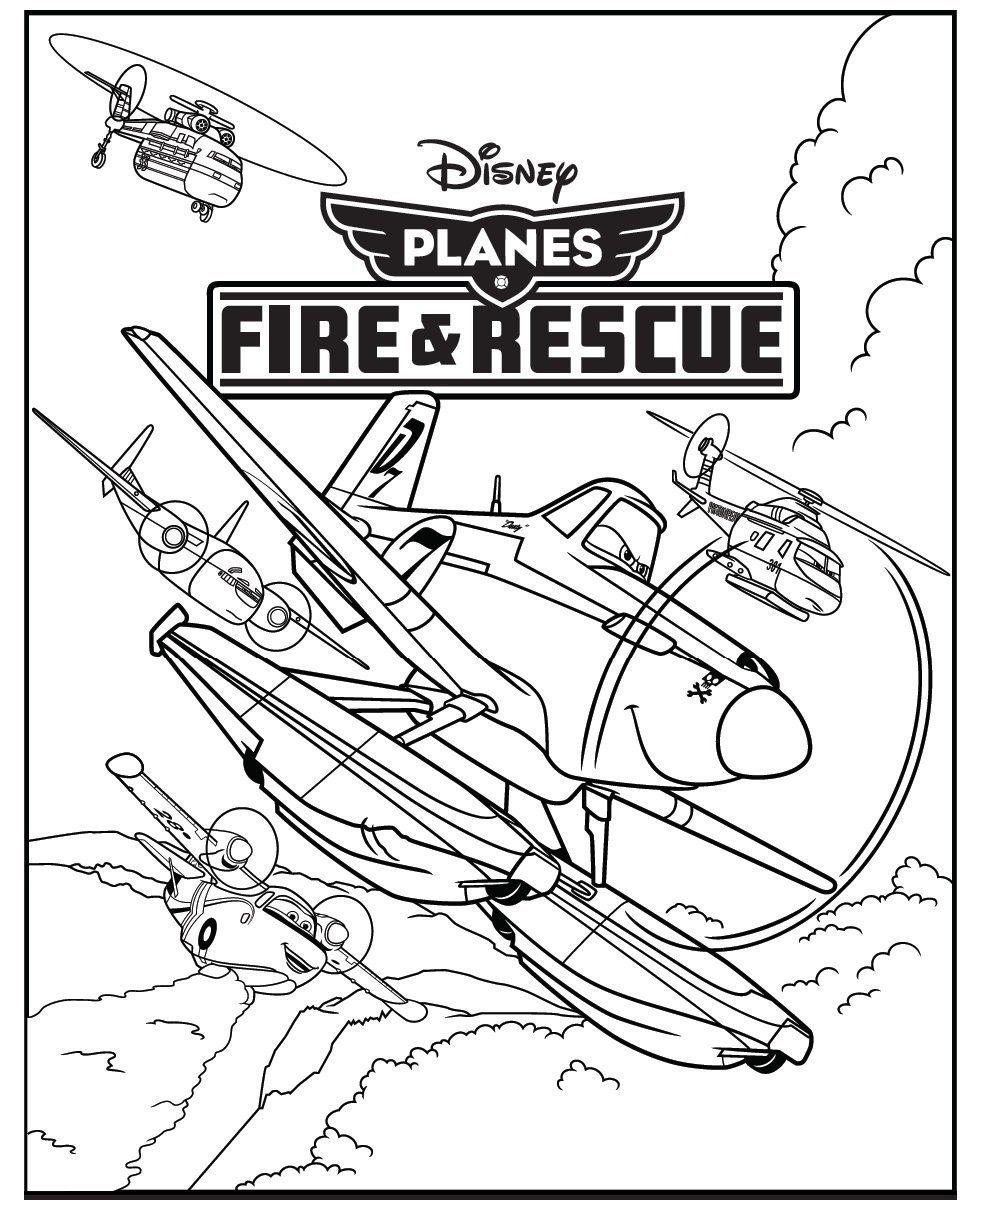 Disney Planes 2 Printable Activity Sheets | Disney planes, Planes ...